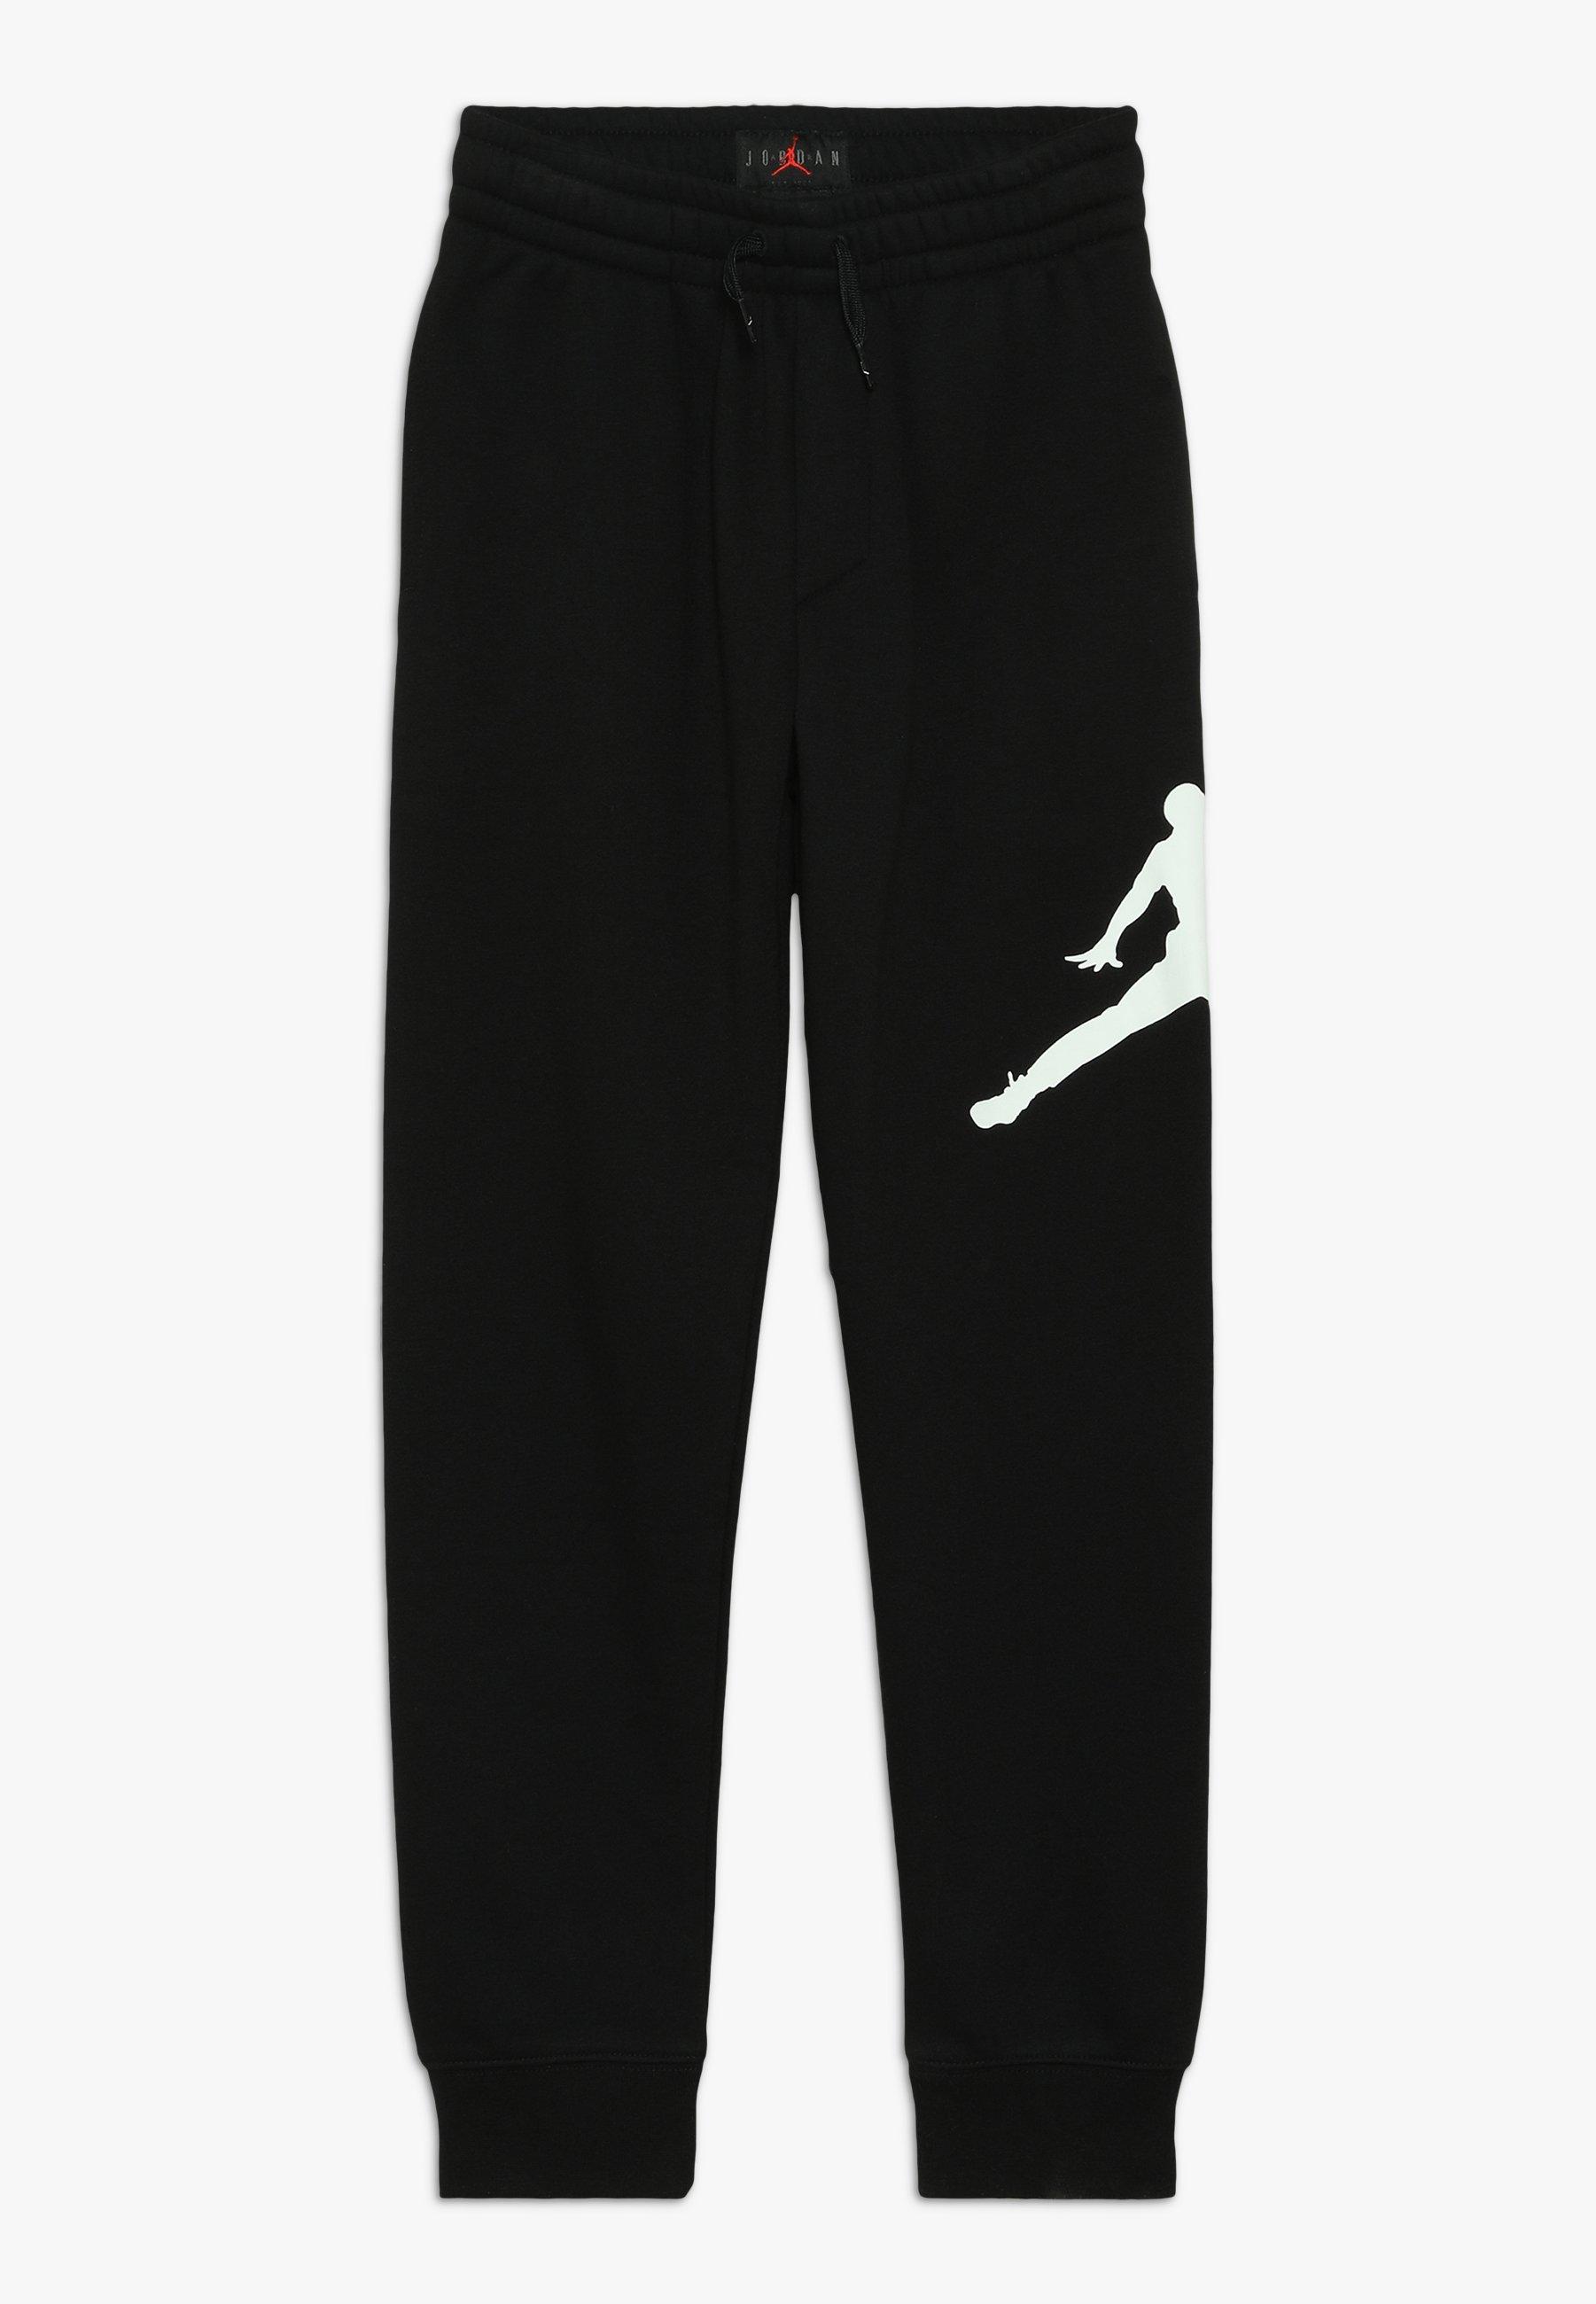 Enfant JUMPMAN LOGO PANT - Pantalon de survêtement